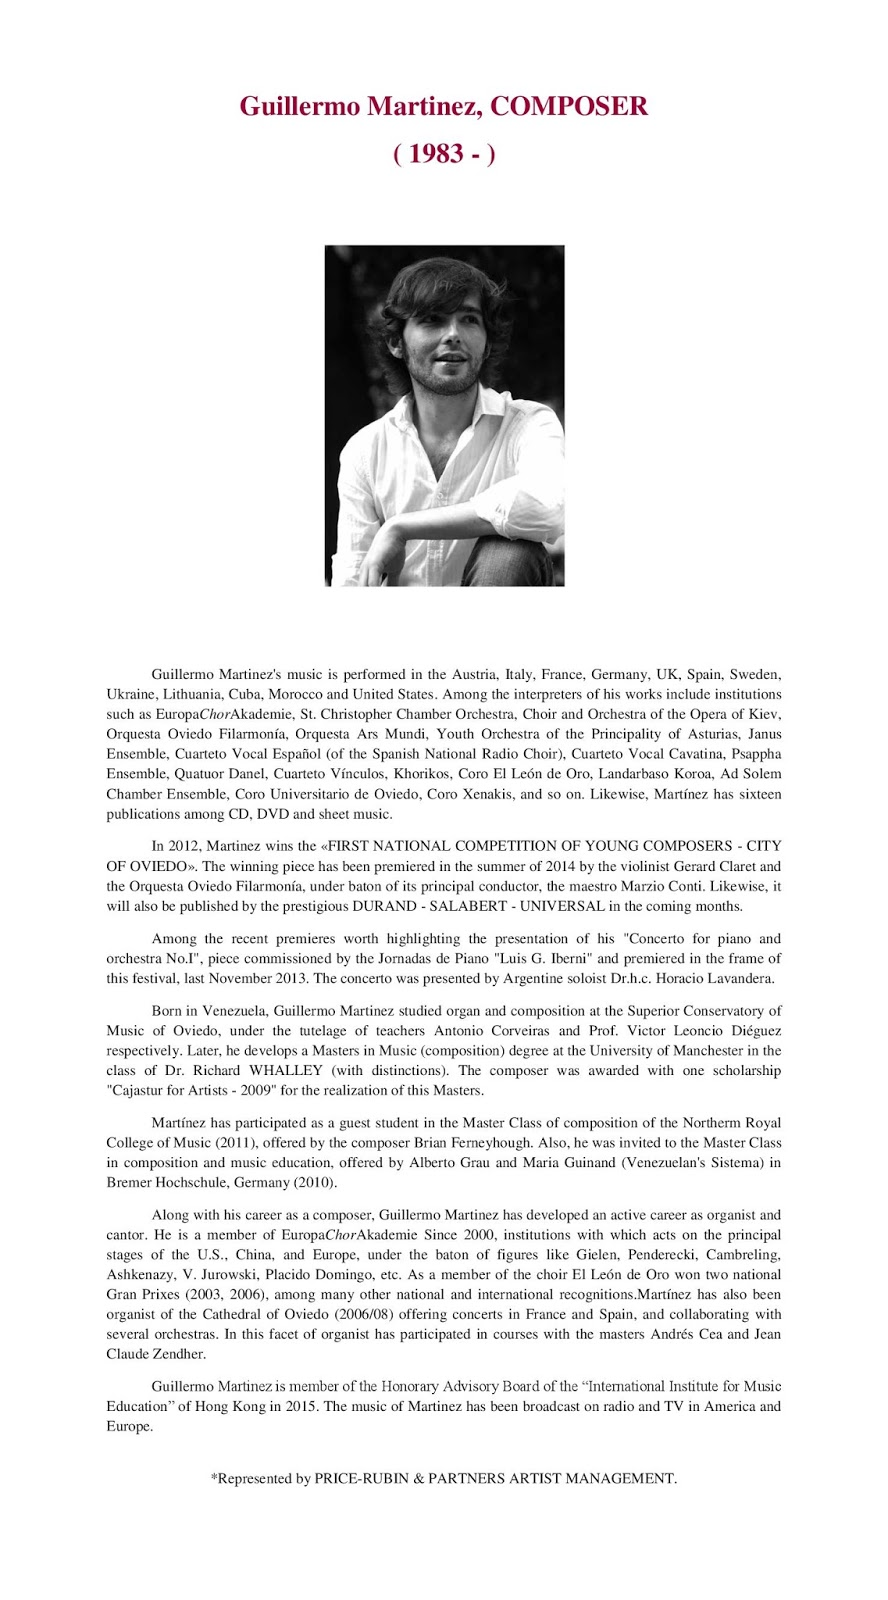 guillermo martínez compositor composer cv english cv english